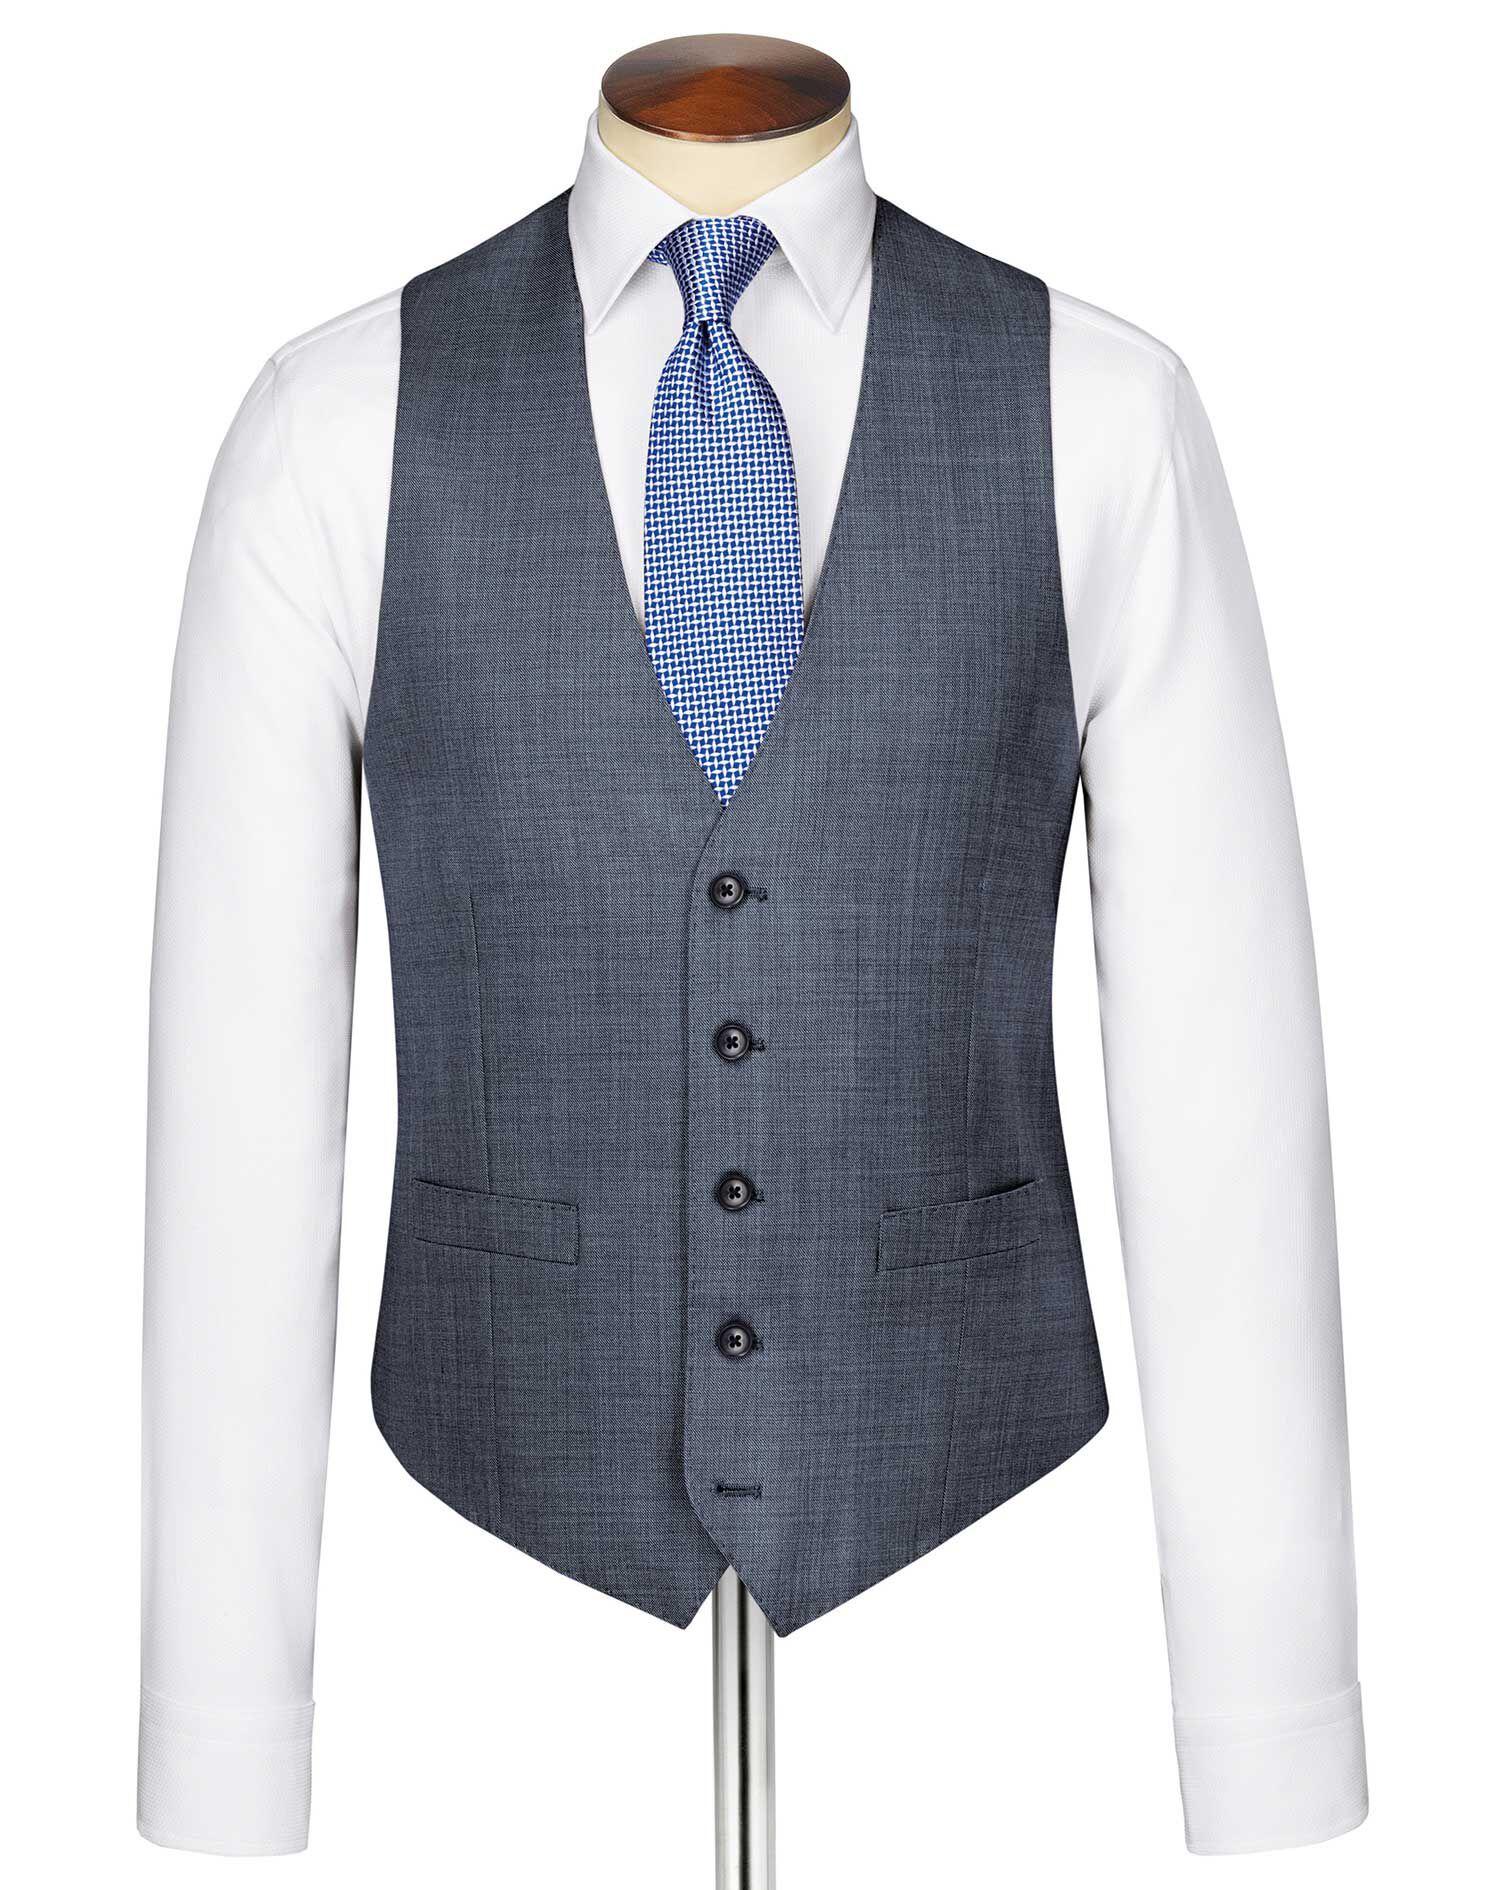 Light Blue Sharkskin Travel Suit Wool Waistcoat Size w36 by Charles Tyrwhitt